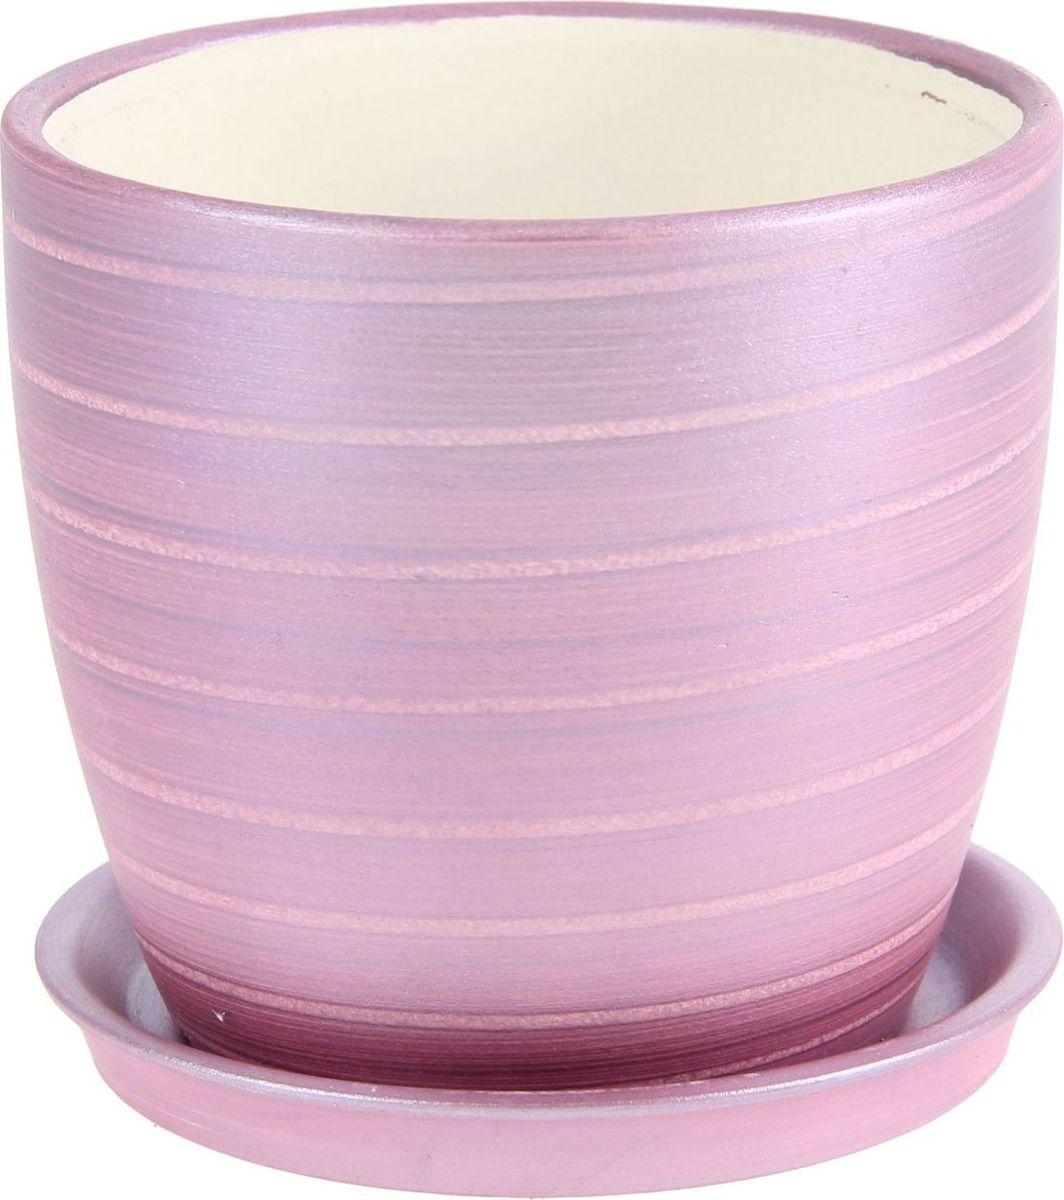 Кашпо Керамика ручной работы Осень. Радуга, цвет: фиолетовый, 1 л1144935Комнатные растения — всеобщие любимцы. Они радуют глаз, насыщают помещение кислородом и украшают пространство. Каждому из них необходим свой удобный и красивый дом. Кашпо из керамики прекрасно подходят для высадки растений: за счёт пластичности глины и разных способов обработки существует великое множество форм и дизайновпористый материал позволяет испаряться лишней влагевоздух, необходимый для дыхания корней, проникает сквозь керамические стенки! #name# позаботится о зелёном питомце, освежит интерьер и подчеркнёт его стиль.